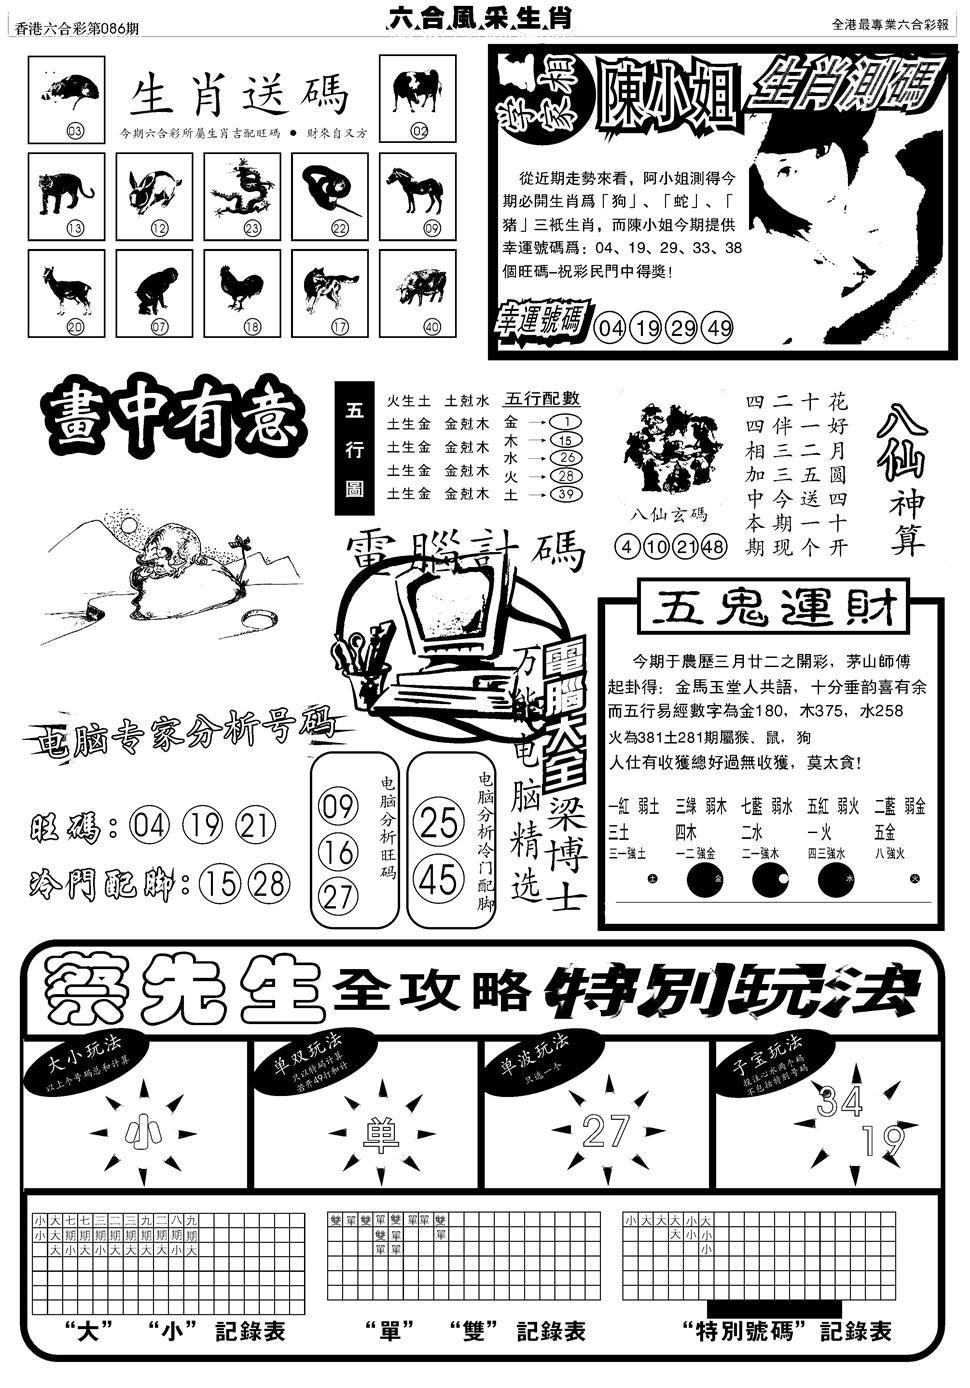 086期六合风彩B(黑白)